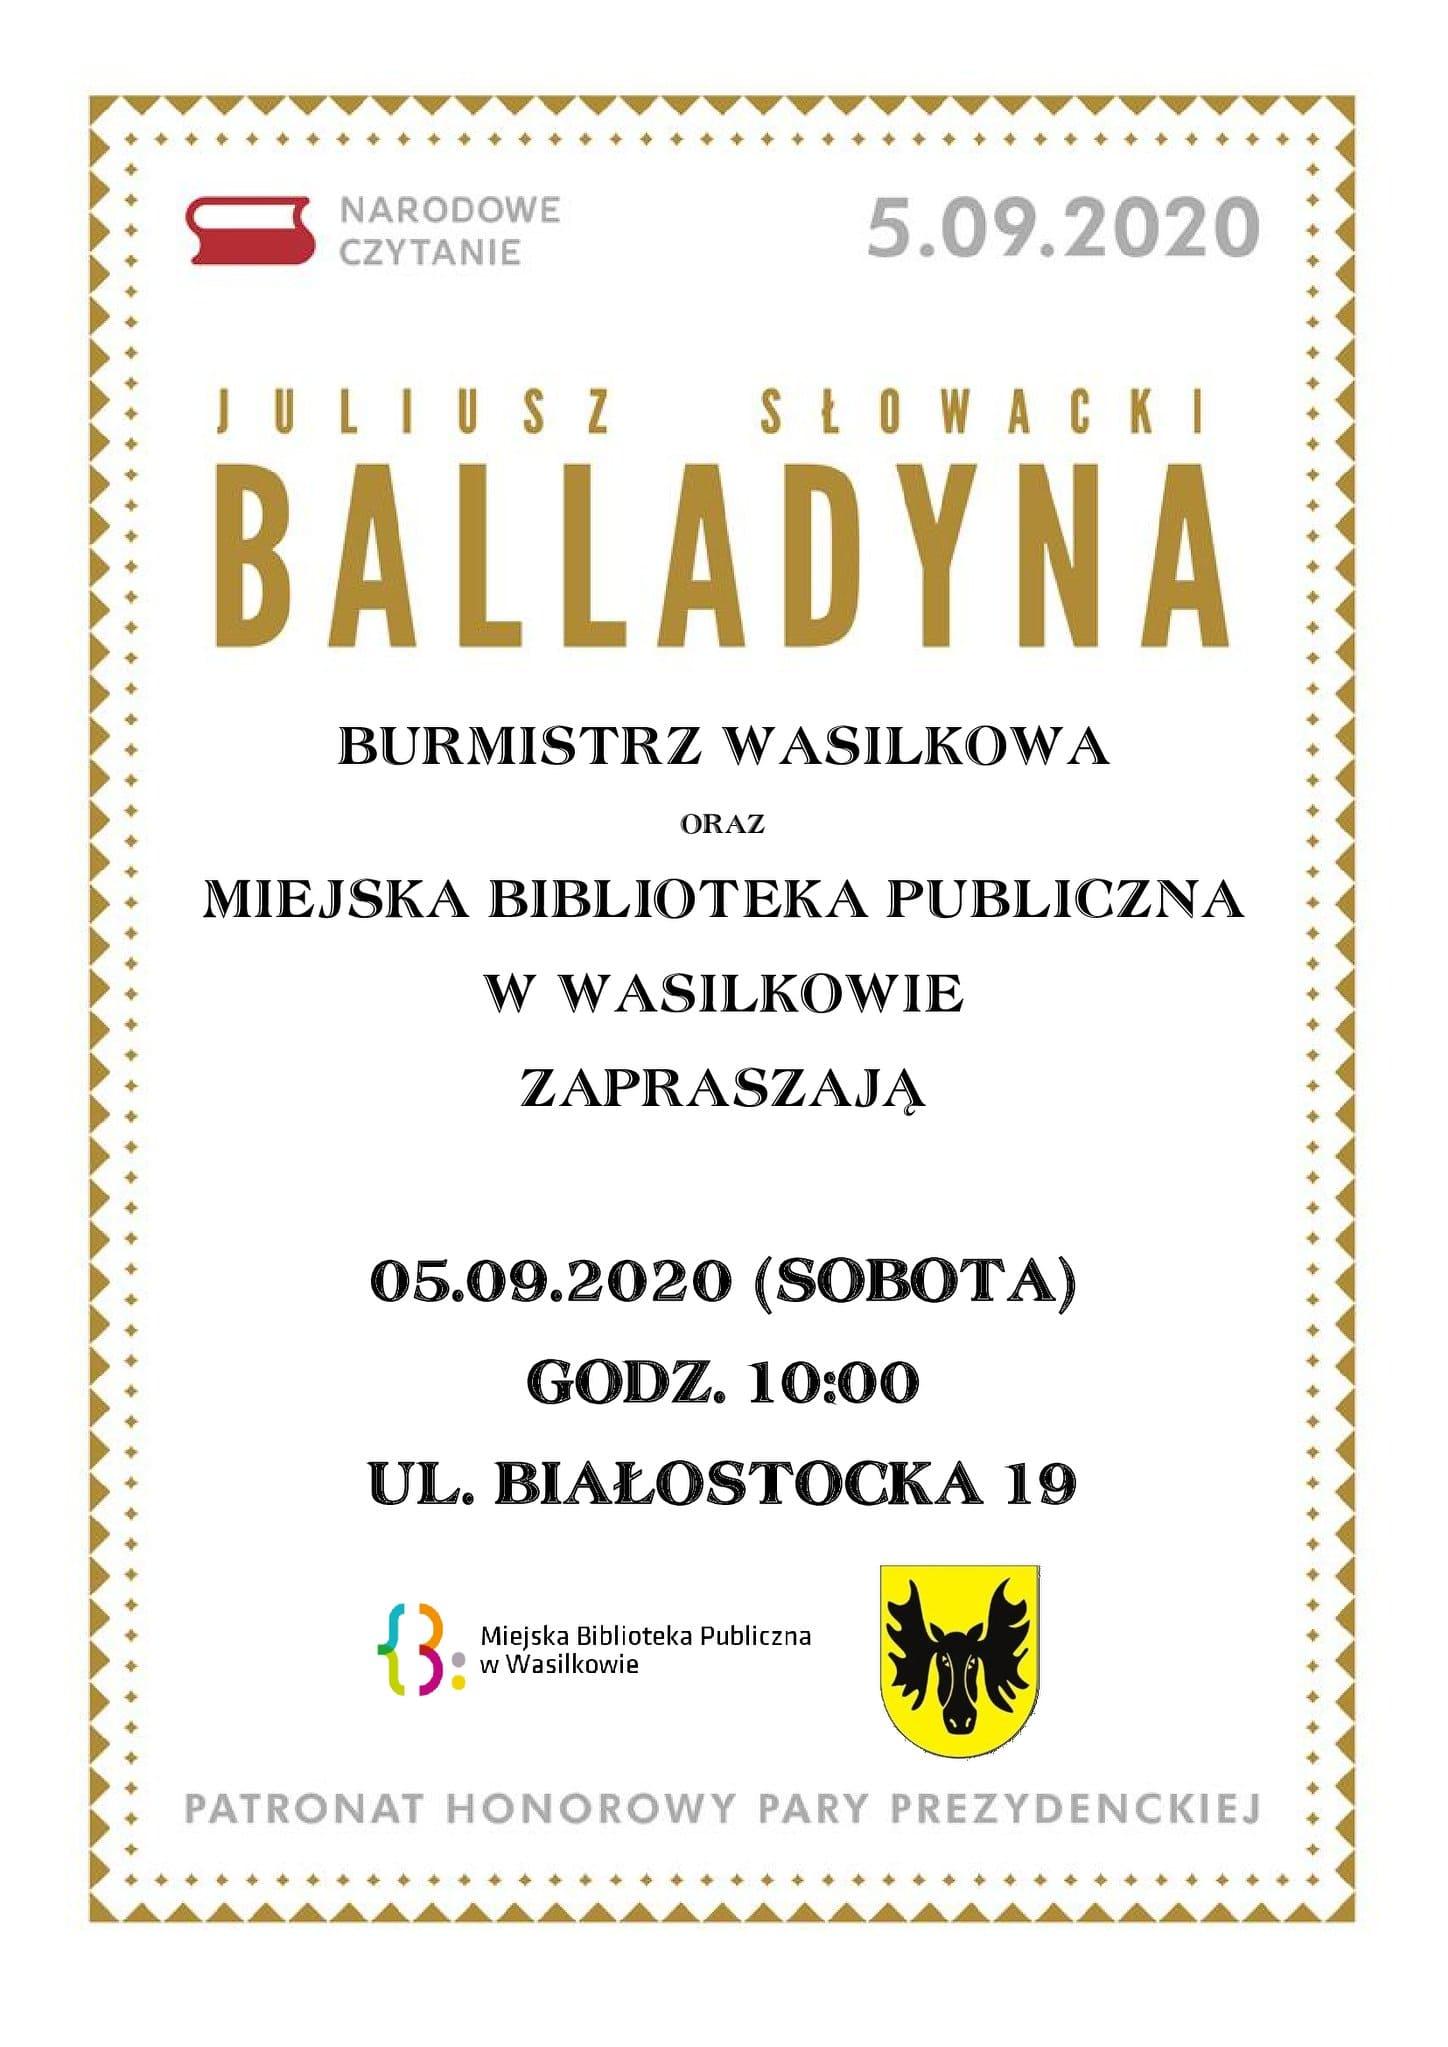 plakat Balladyna - narodowe czytanie - plakat